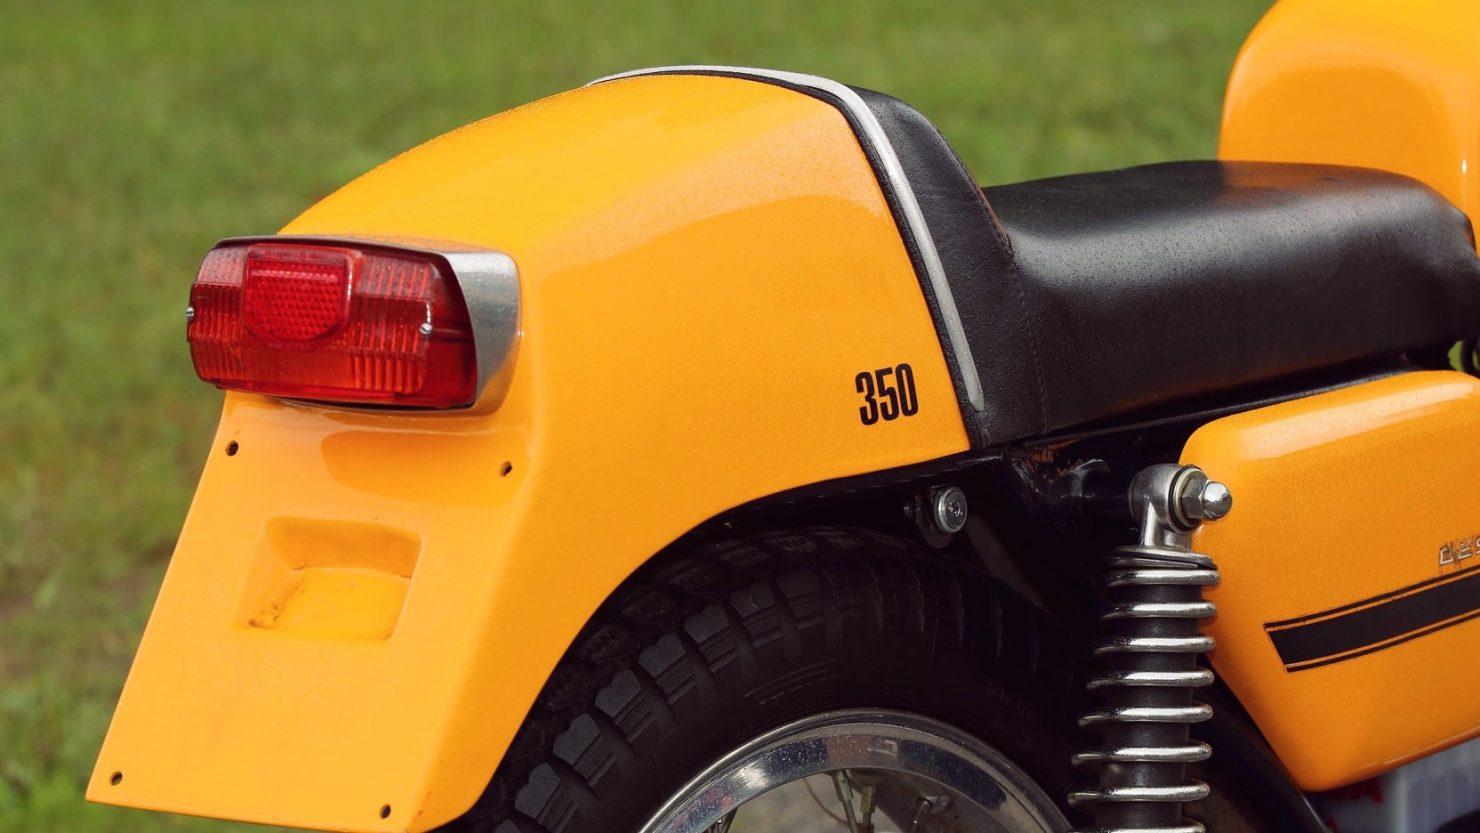 Ducati 350 Desmo 11 1480x833 - 1970 Ducati Desmo 350